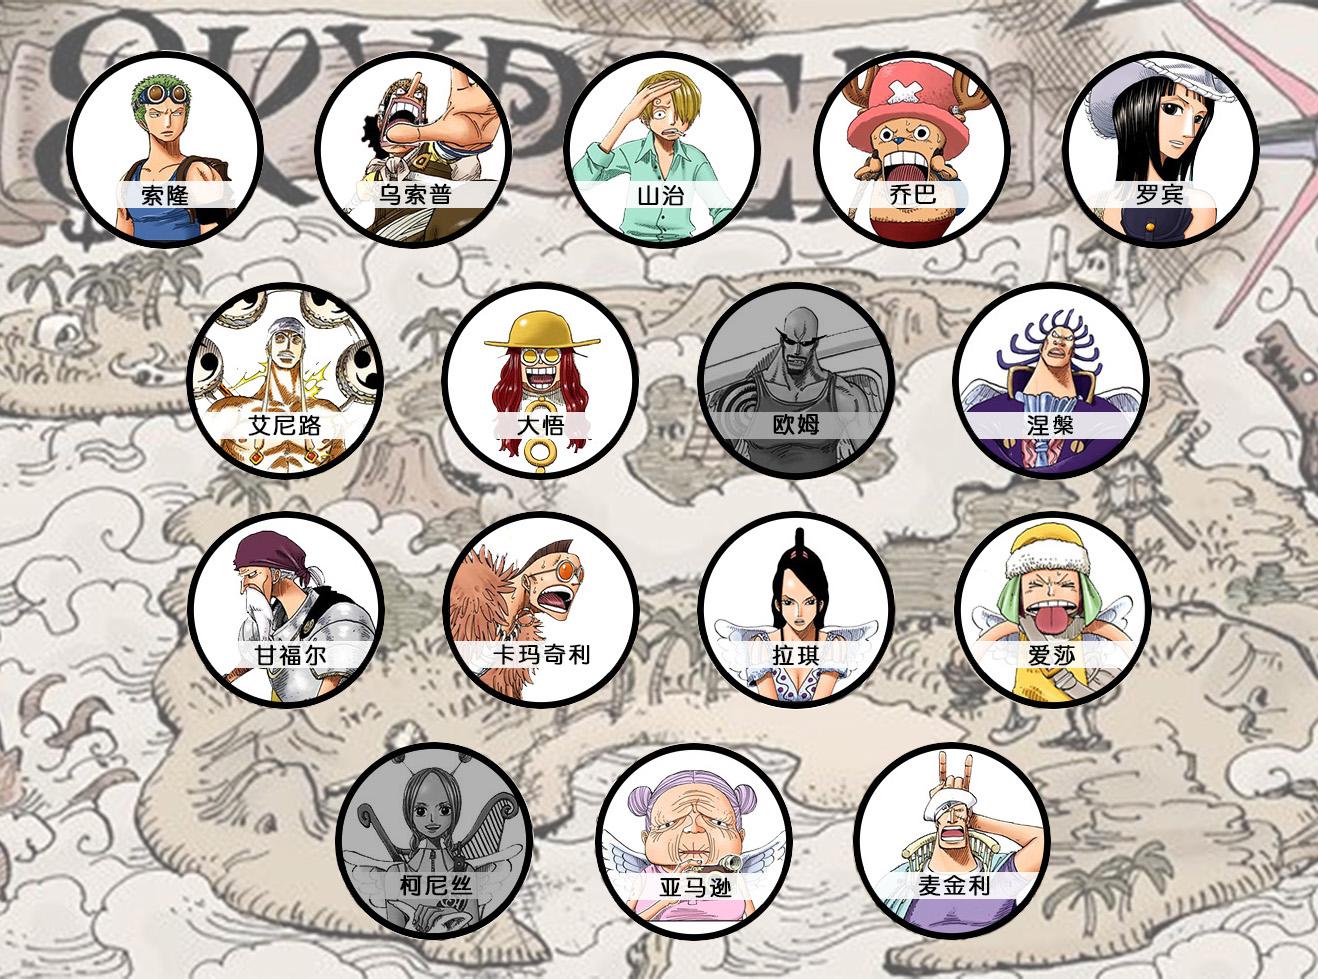 第3幕角色图.jpg